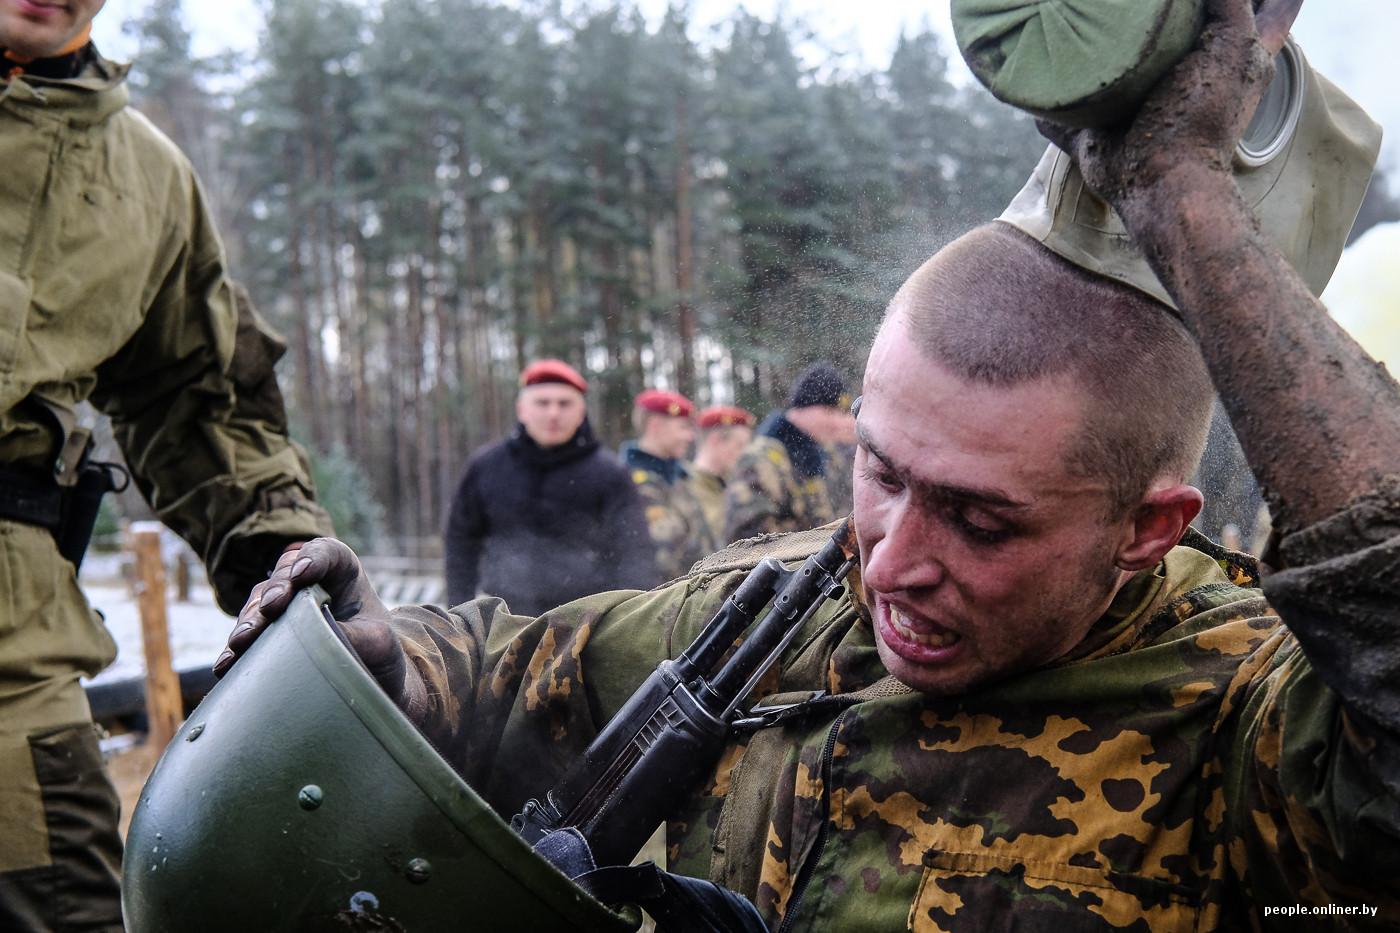 Пацаны расскажите вы видели как в армии солдаты дрочат